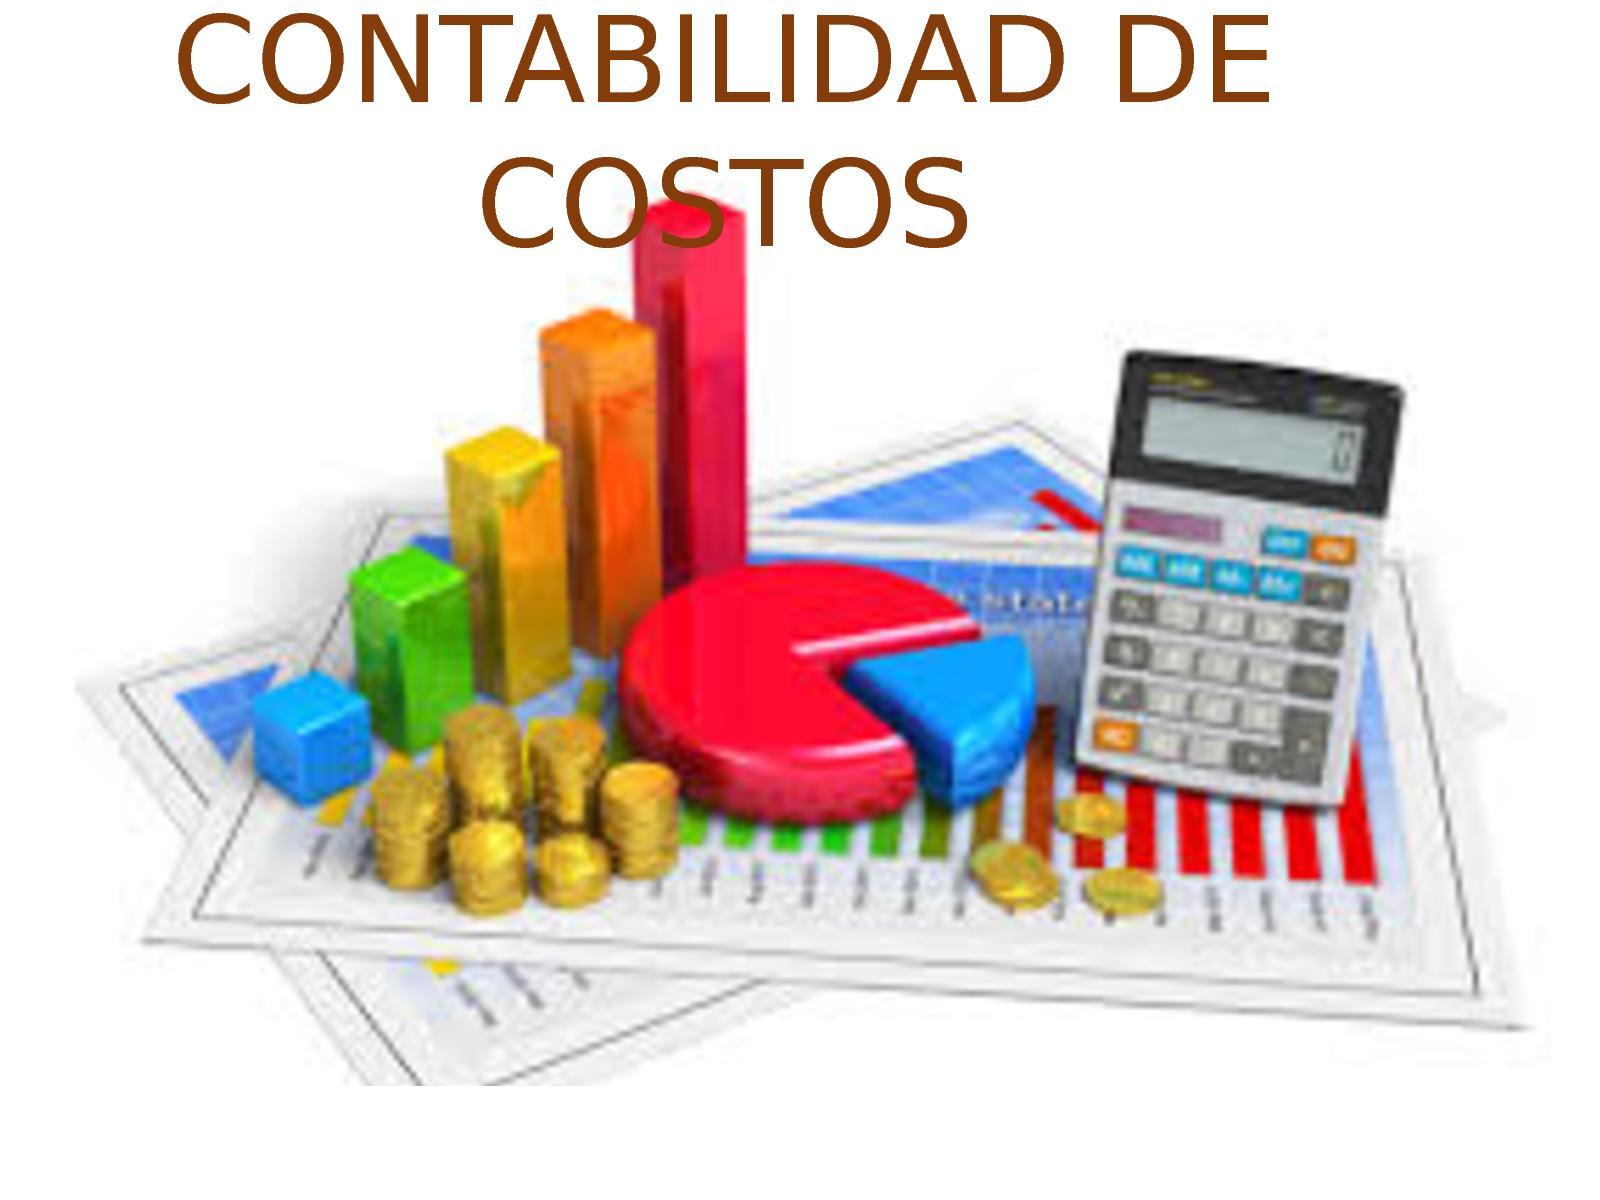 Libro: Contabilidad de Costos – Casos Prácticos